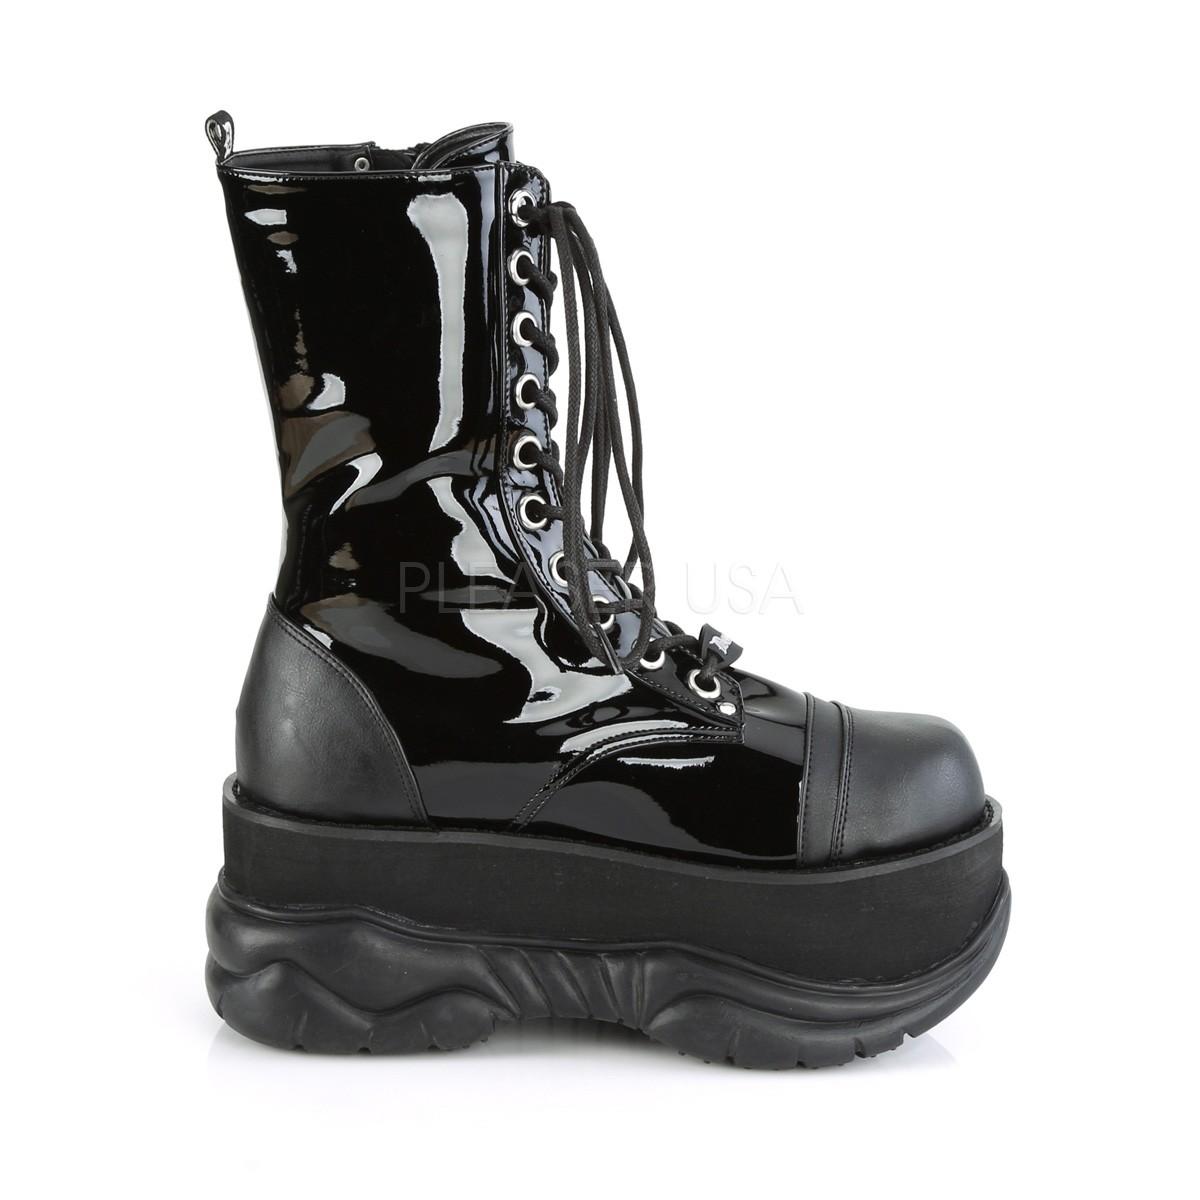 official shop separation shoes 2018 sneakers Patent 7,5 cm NEPTUNE-200 demonia ankle boots - unisex platform ...